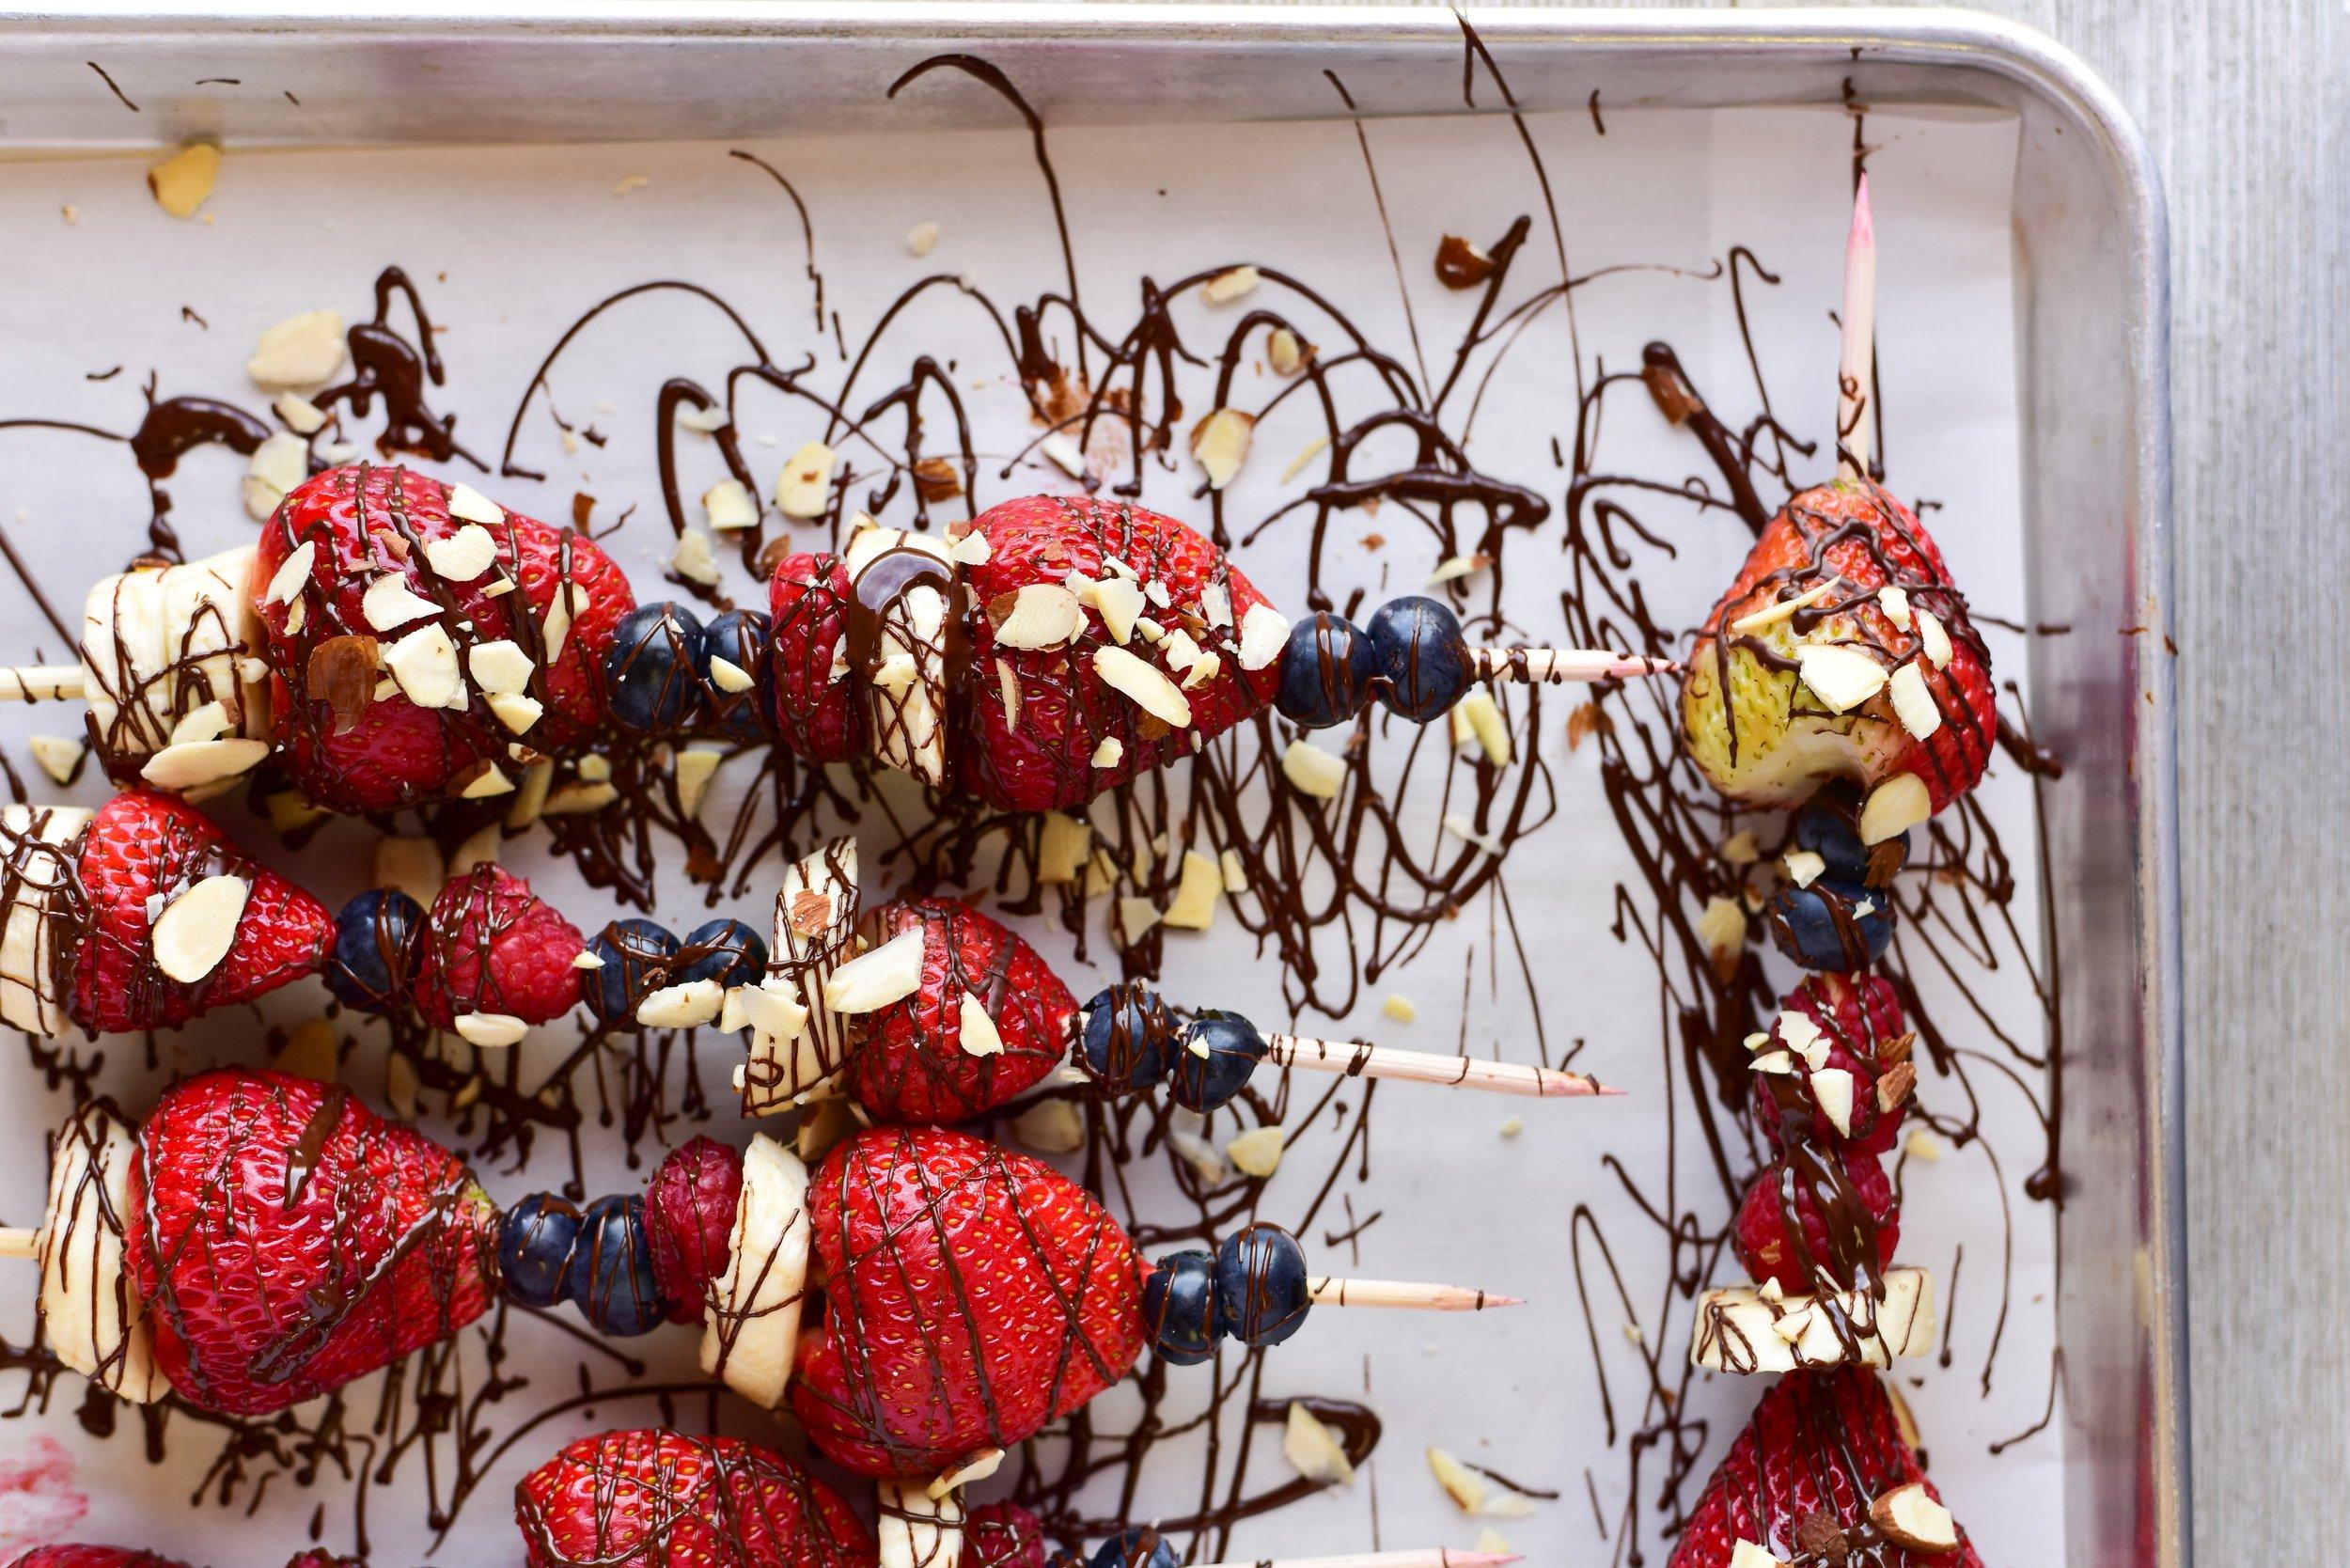 Оbstspieße mit Erdbeeren und Schokolade